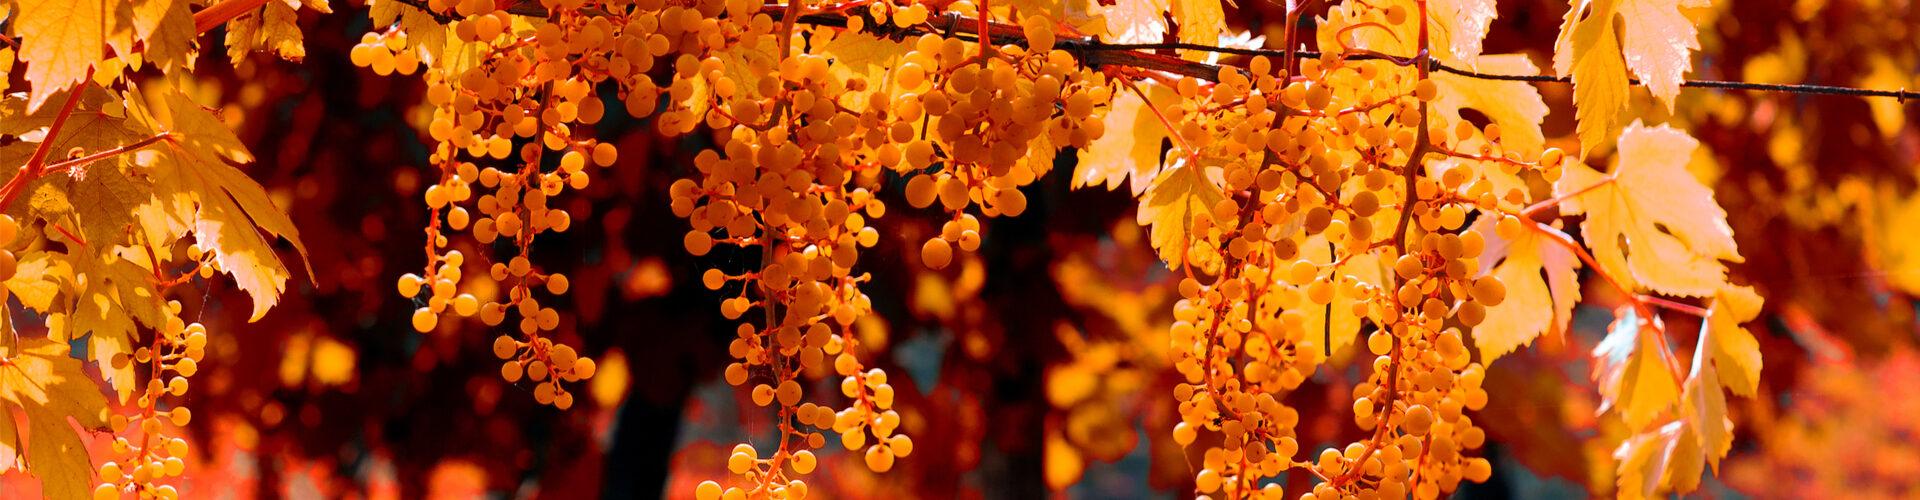 Hrozny - podzim